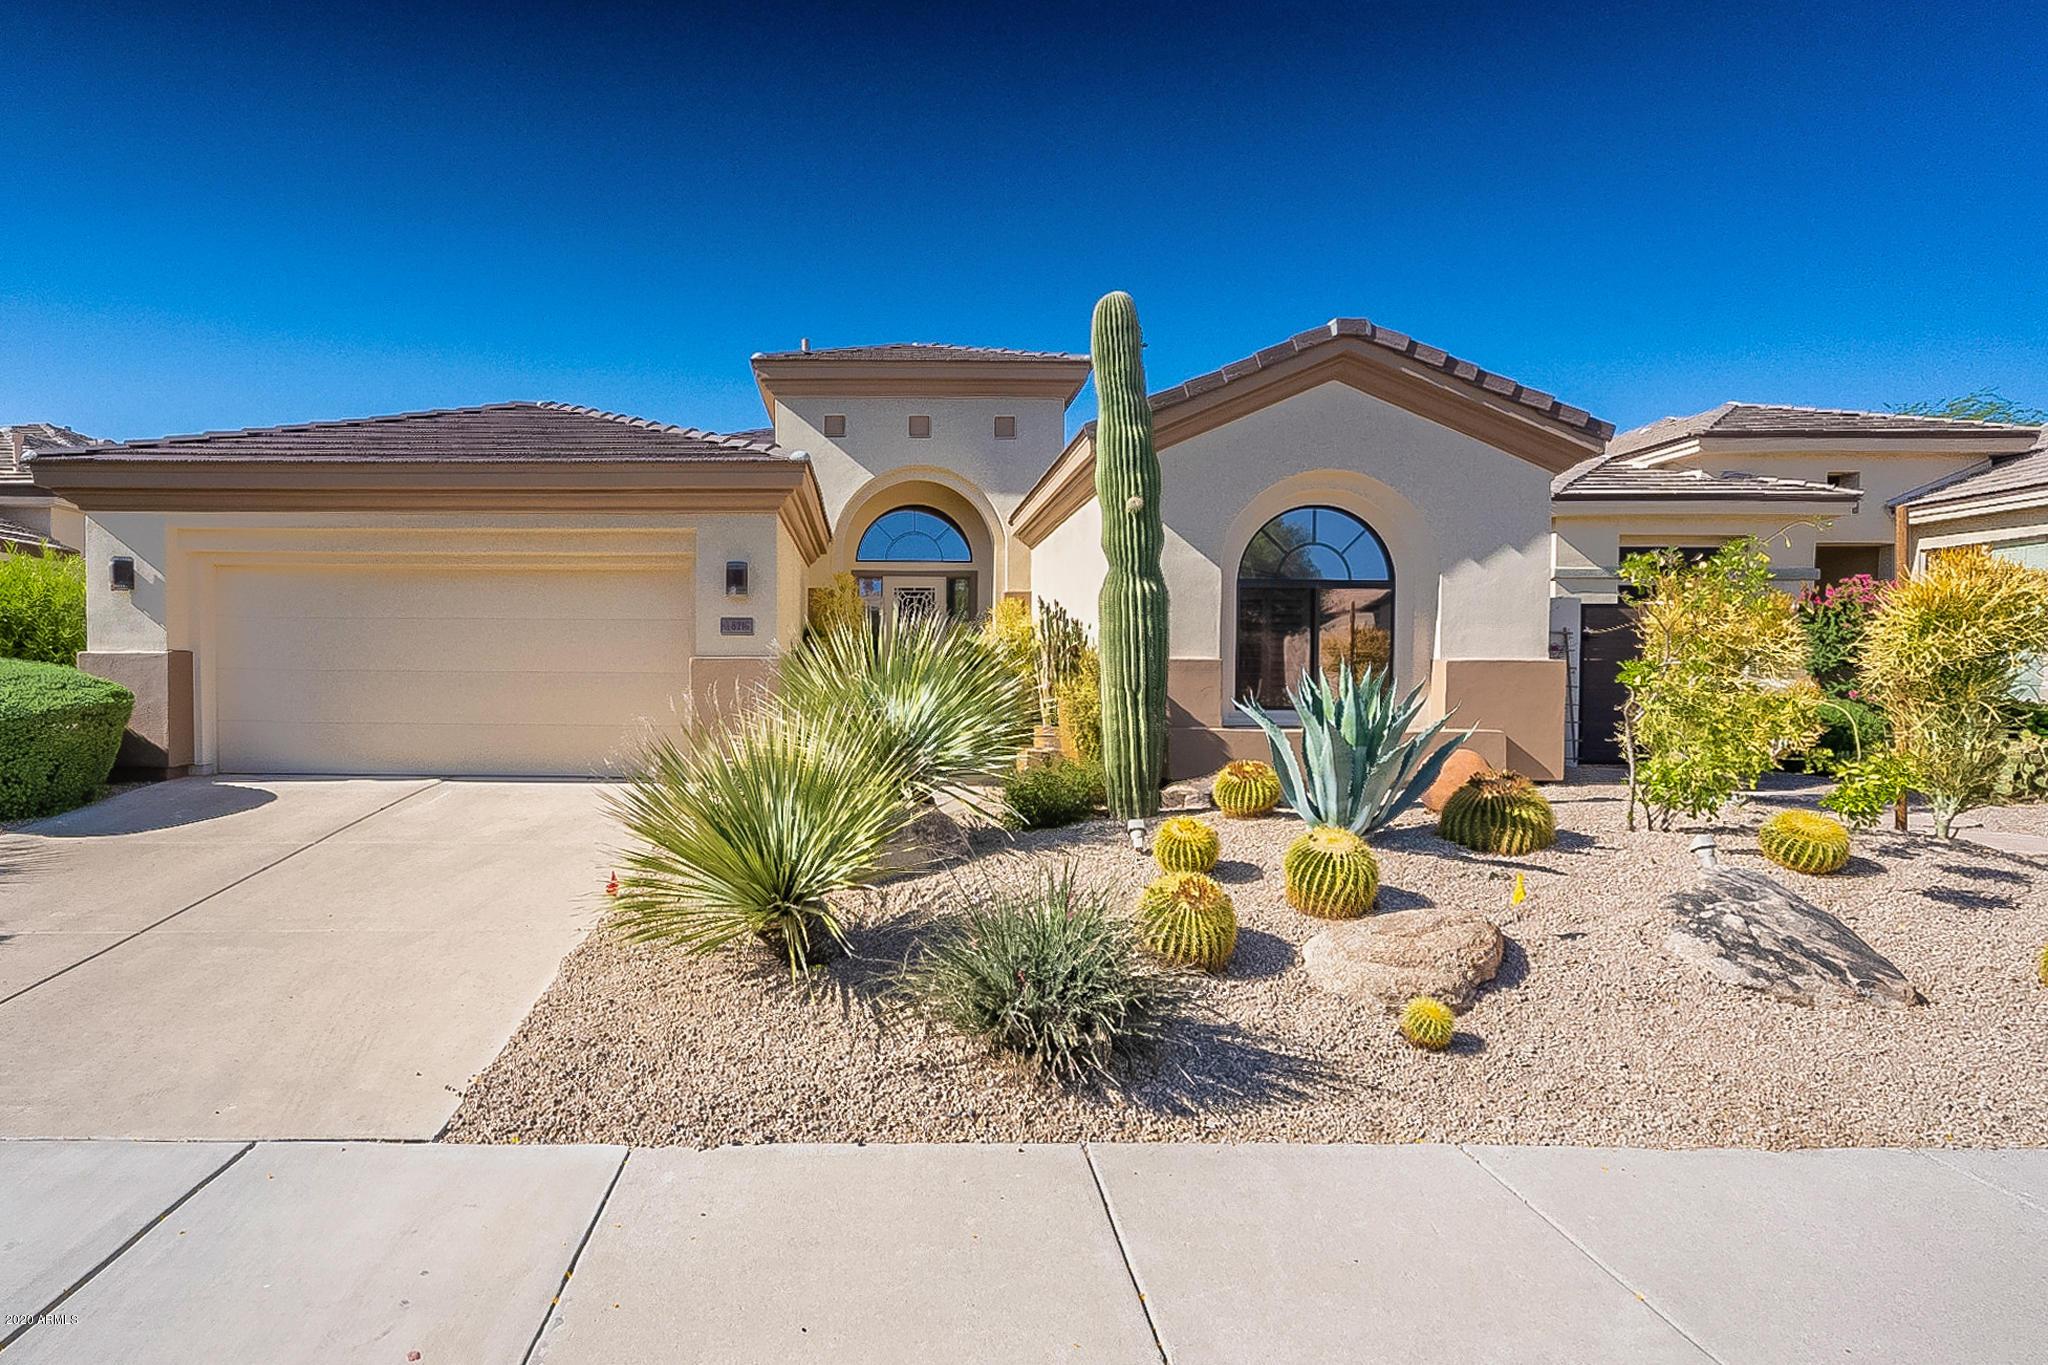 Photo of 8216 E ANGEL SPIRIT Drive, Scottsdale, AZ 85255